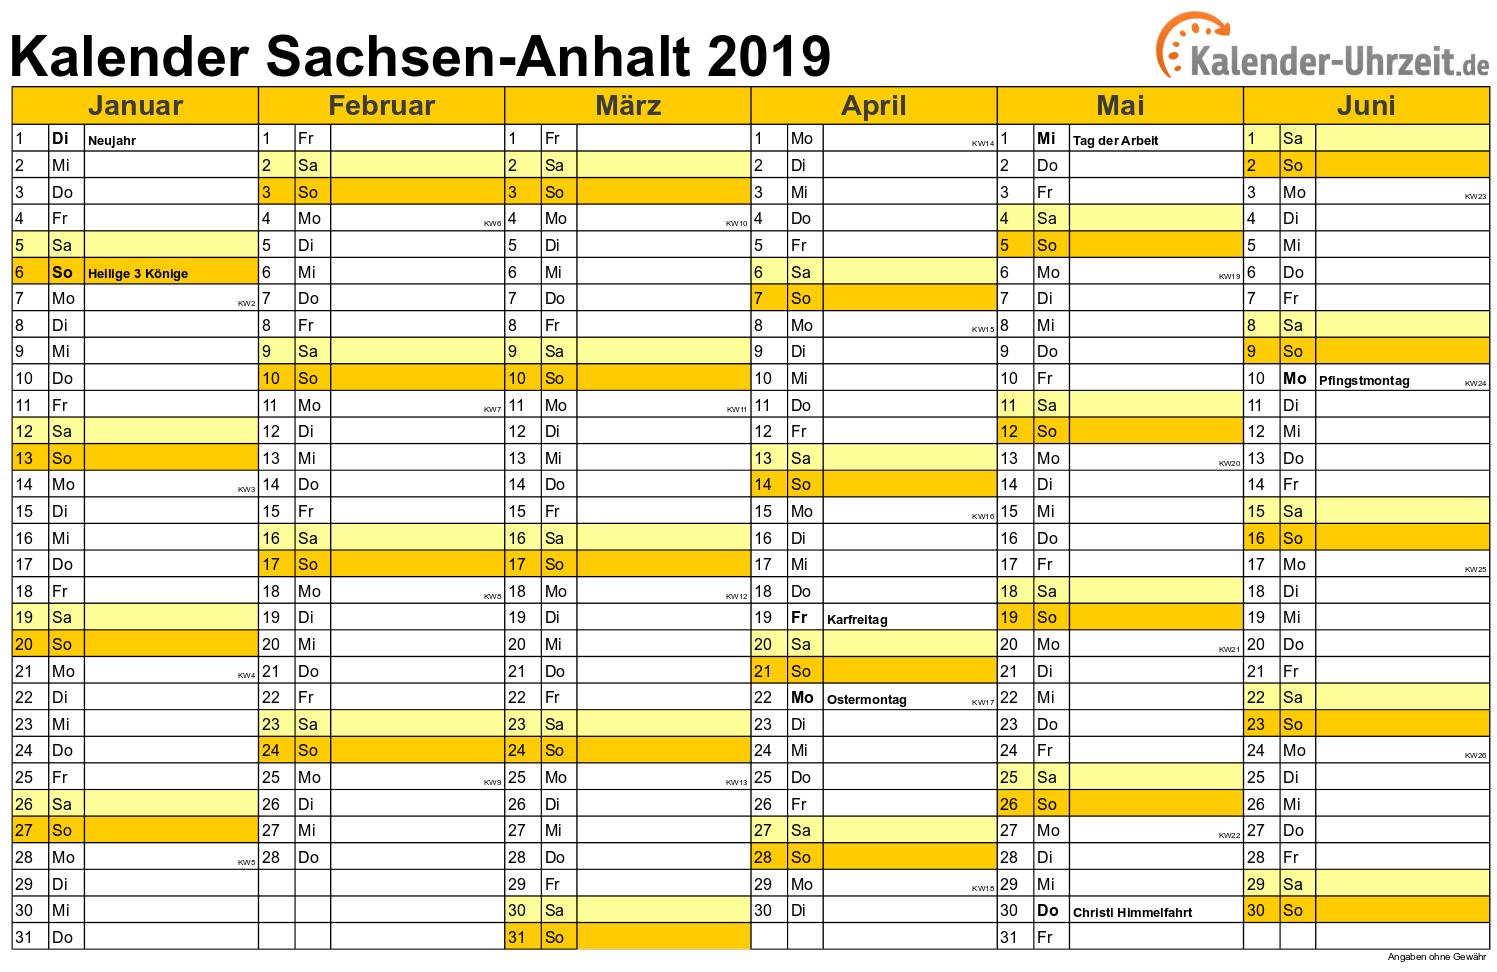 Sachsen-Anhalt Kalender 2019 mit Feiertagen - quer-zweiseitig